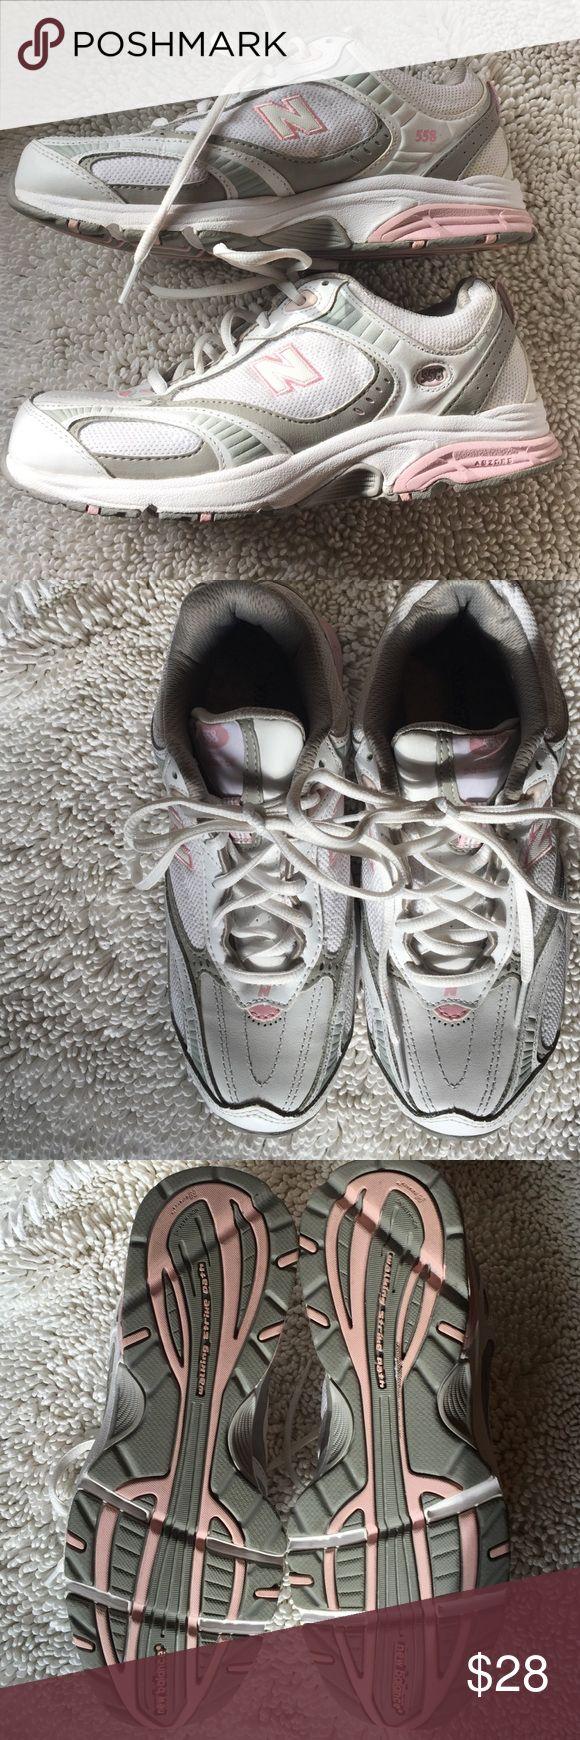 New Balance Ladies 558 shoes hardly worn size 8 New Balance 558 Ladies shoes Size 8 New Balance Shoes